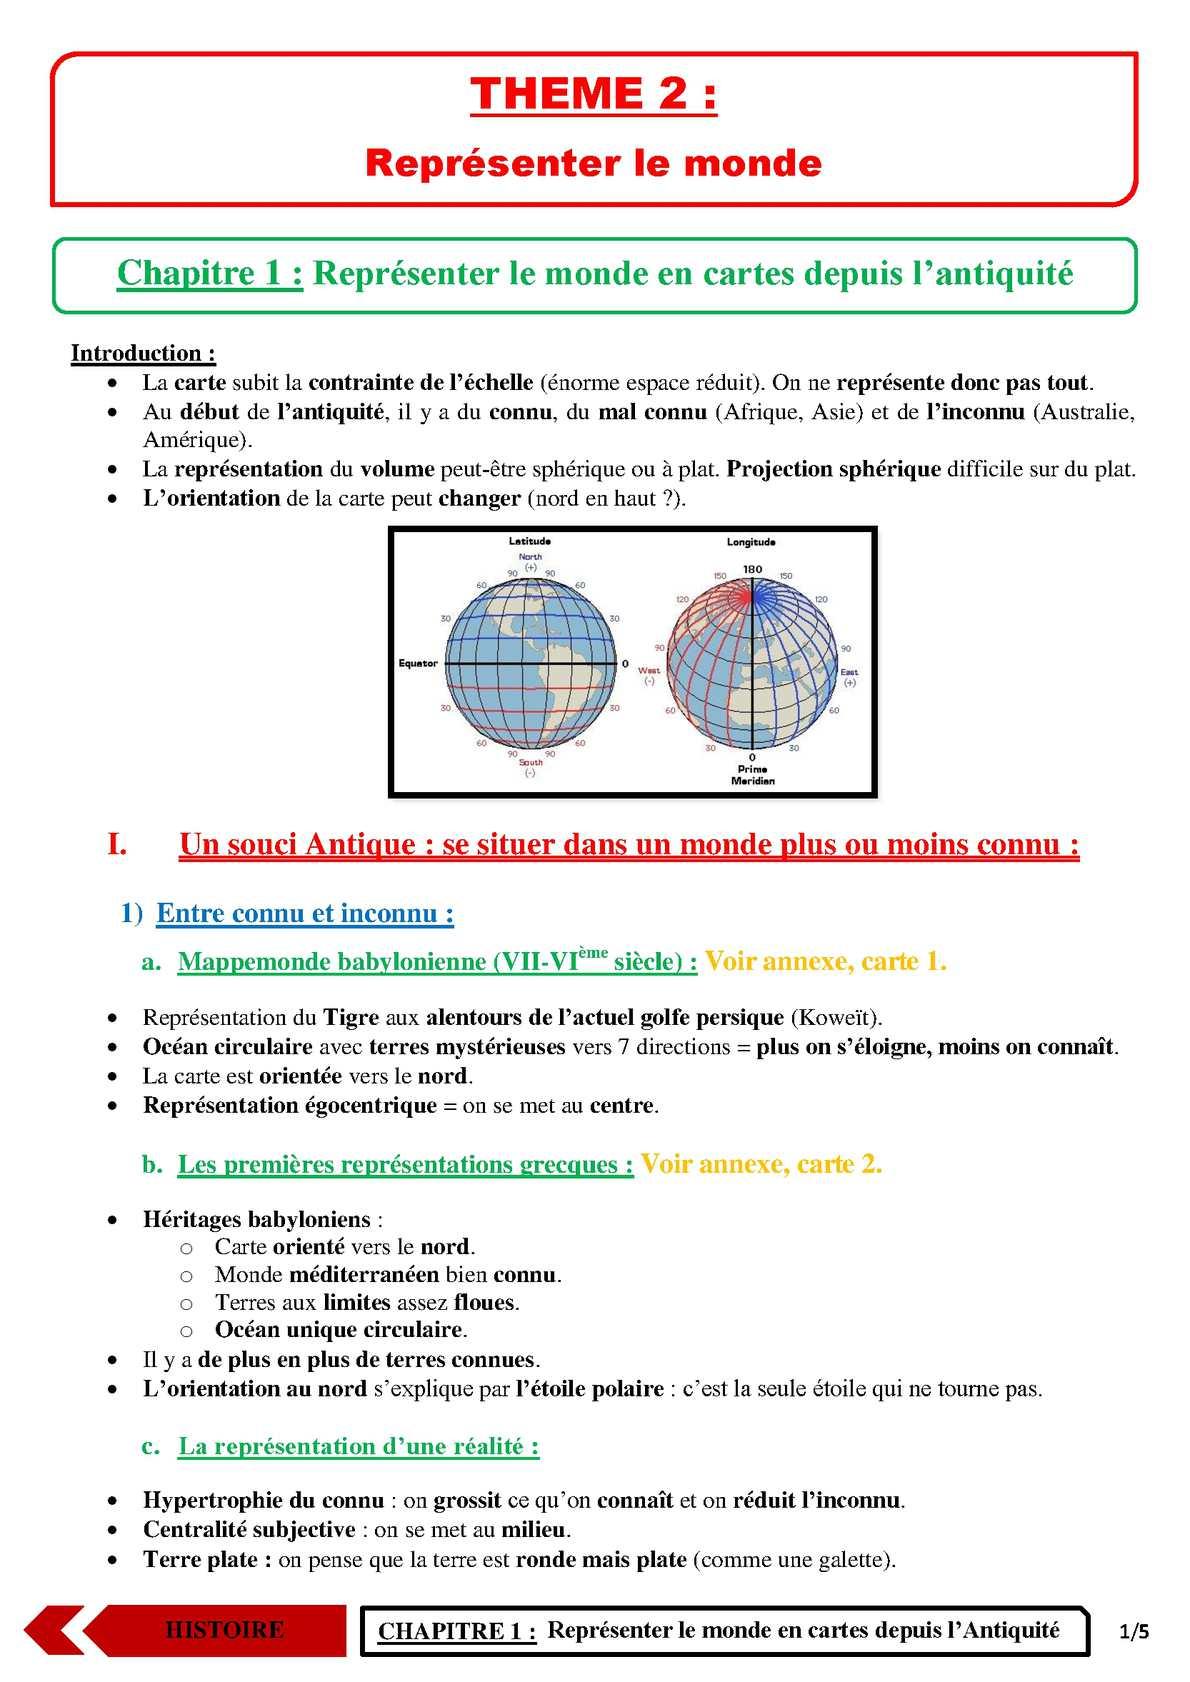 TS - HISTOIRE-GEOGRAPHIE - Chapitre 3 | JéSky.fr